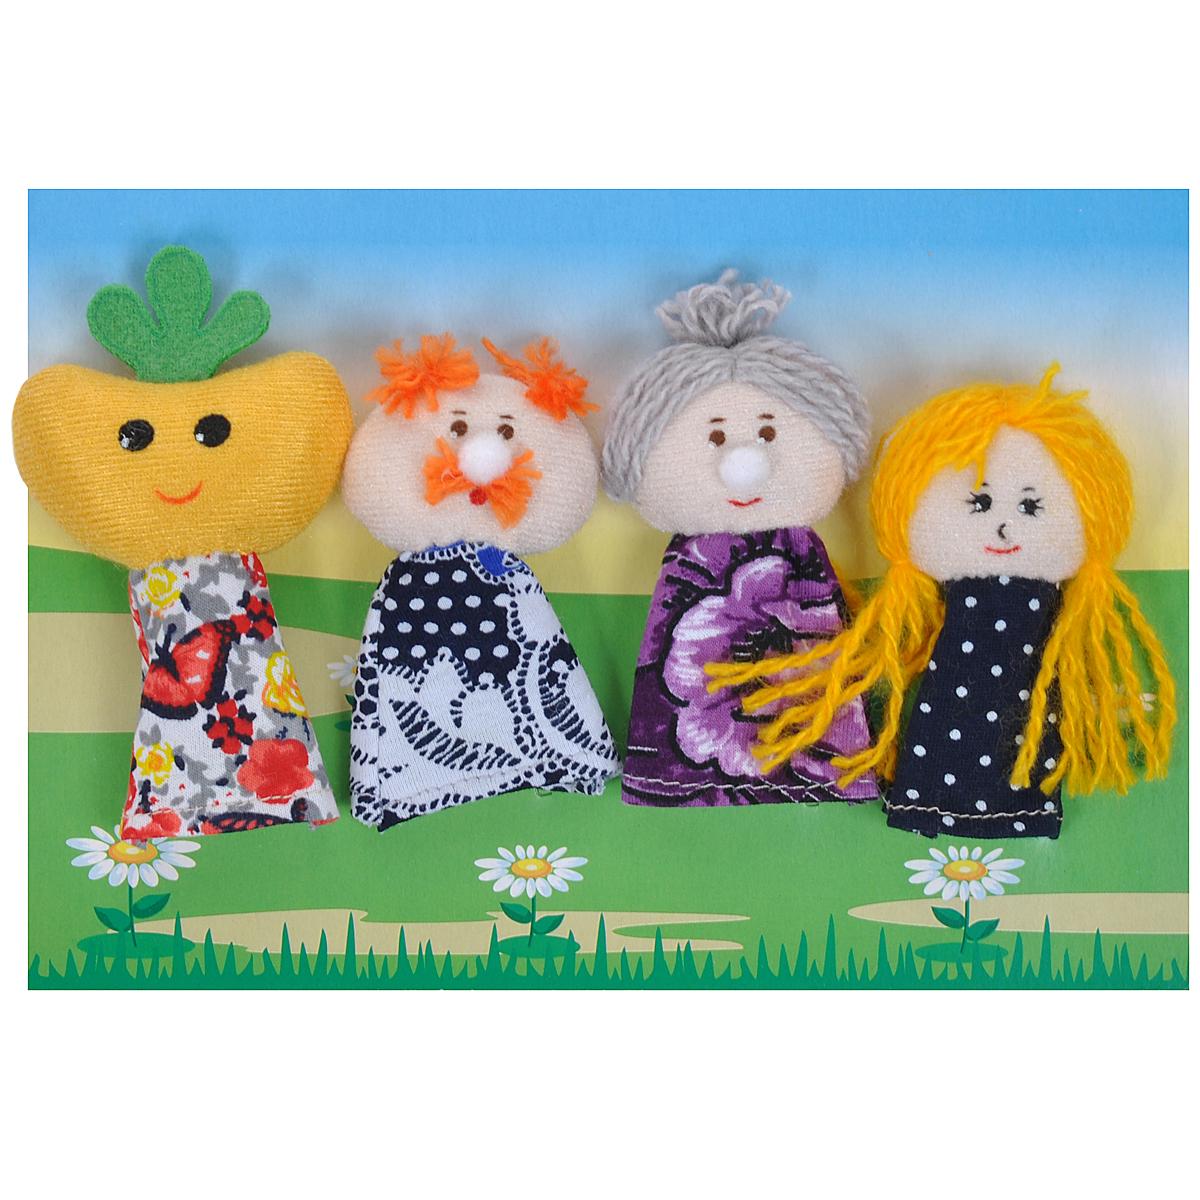 Пальчиковый театр Репка, 7 предметов017.01Пальчиковый театр Репка - это набор развивающих мягких игрушек, состоящий из фигурок надеваемых на пальцы руки взрослого или ребенка. В комплекте пальчиковые куклы, 7 штук: дед, бабка, репка, внучка, собака, кошка, мышка. Рекомендуем работать разными парами пальцев, разными руками и обеими руками одновременно. Фигурки изображают известных сказочных героев. Все персонажи очень яркие, мягкие. Маленькие фигурки пальчикового театра создадут Вам компанию во время прогулки или посещения поликлиники, в дороге. Они не займут много места в маминой сумочке и помогут развлечь малыша. С их помощью можно оживить любимые стихи, сказки, потешки. Незамысловатая игрушка развивает интонацию, исполнительские умения, творческие способности в передаче образа, мелкую моторику. Театрализованные игры создают эмоциональный подъем, повышают жизненный тонус ребенка. Характеристики: Материал: текстиль. Высота одной фигурки: 8 см Размер упаковки: 25,5 см x 24 см x 1,5...